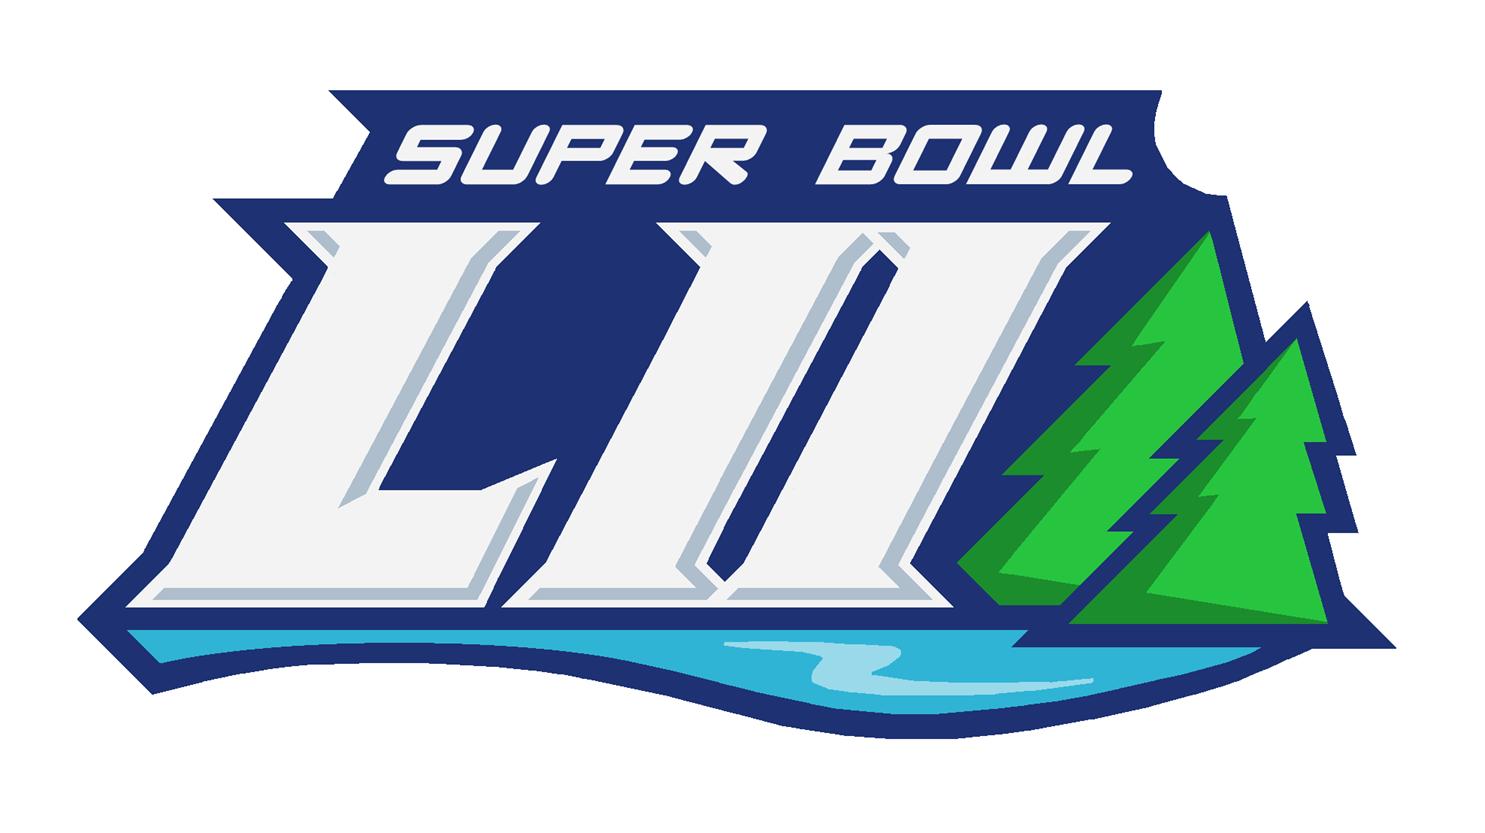 1485x833 Super Bowl Lii Logo Concept